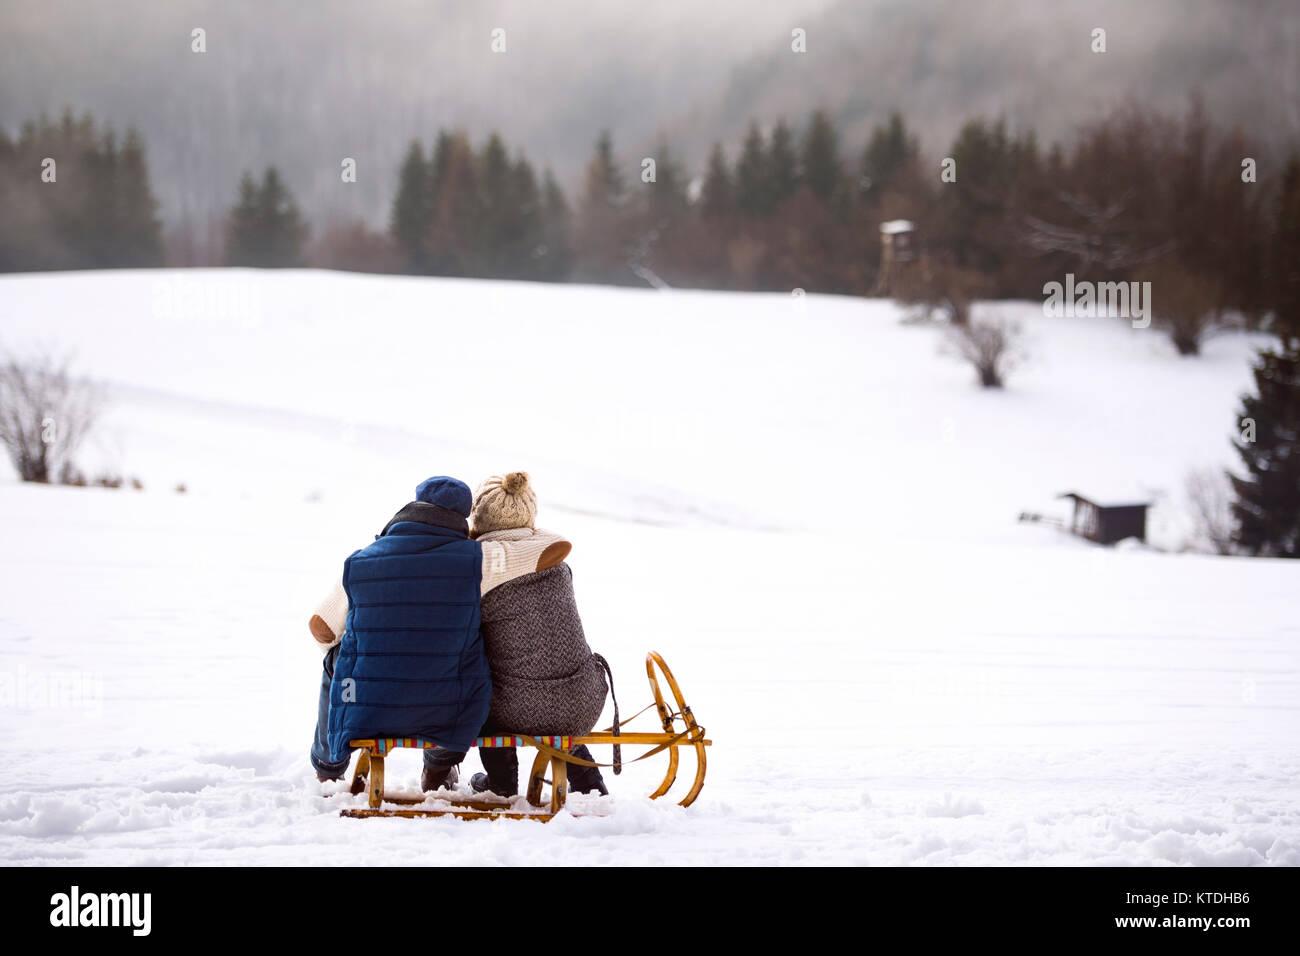 Rückansicht des Senior Paar nebeneinander sitzen auf dem Schlitten in der verschneiten Landschaft Stockbild